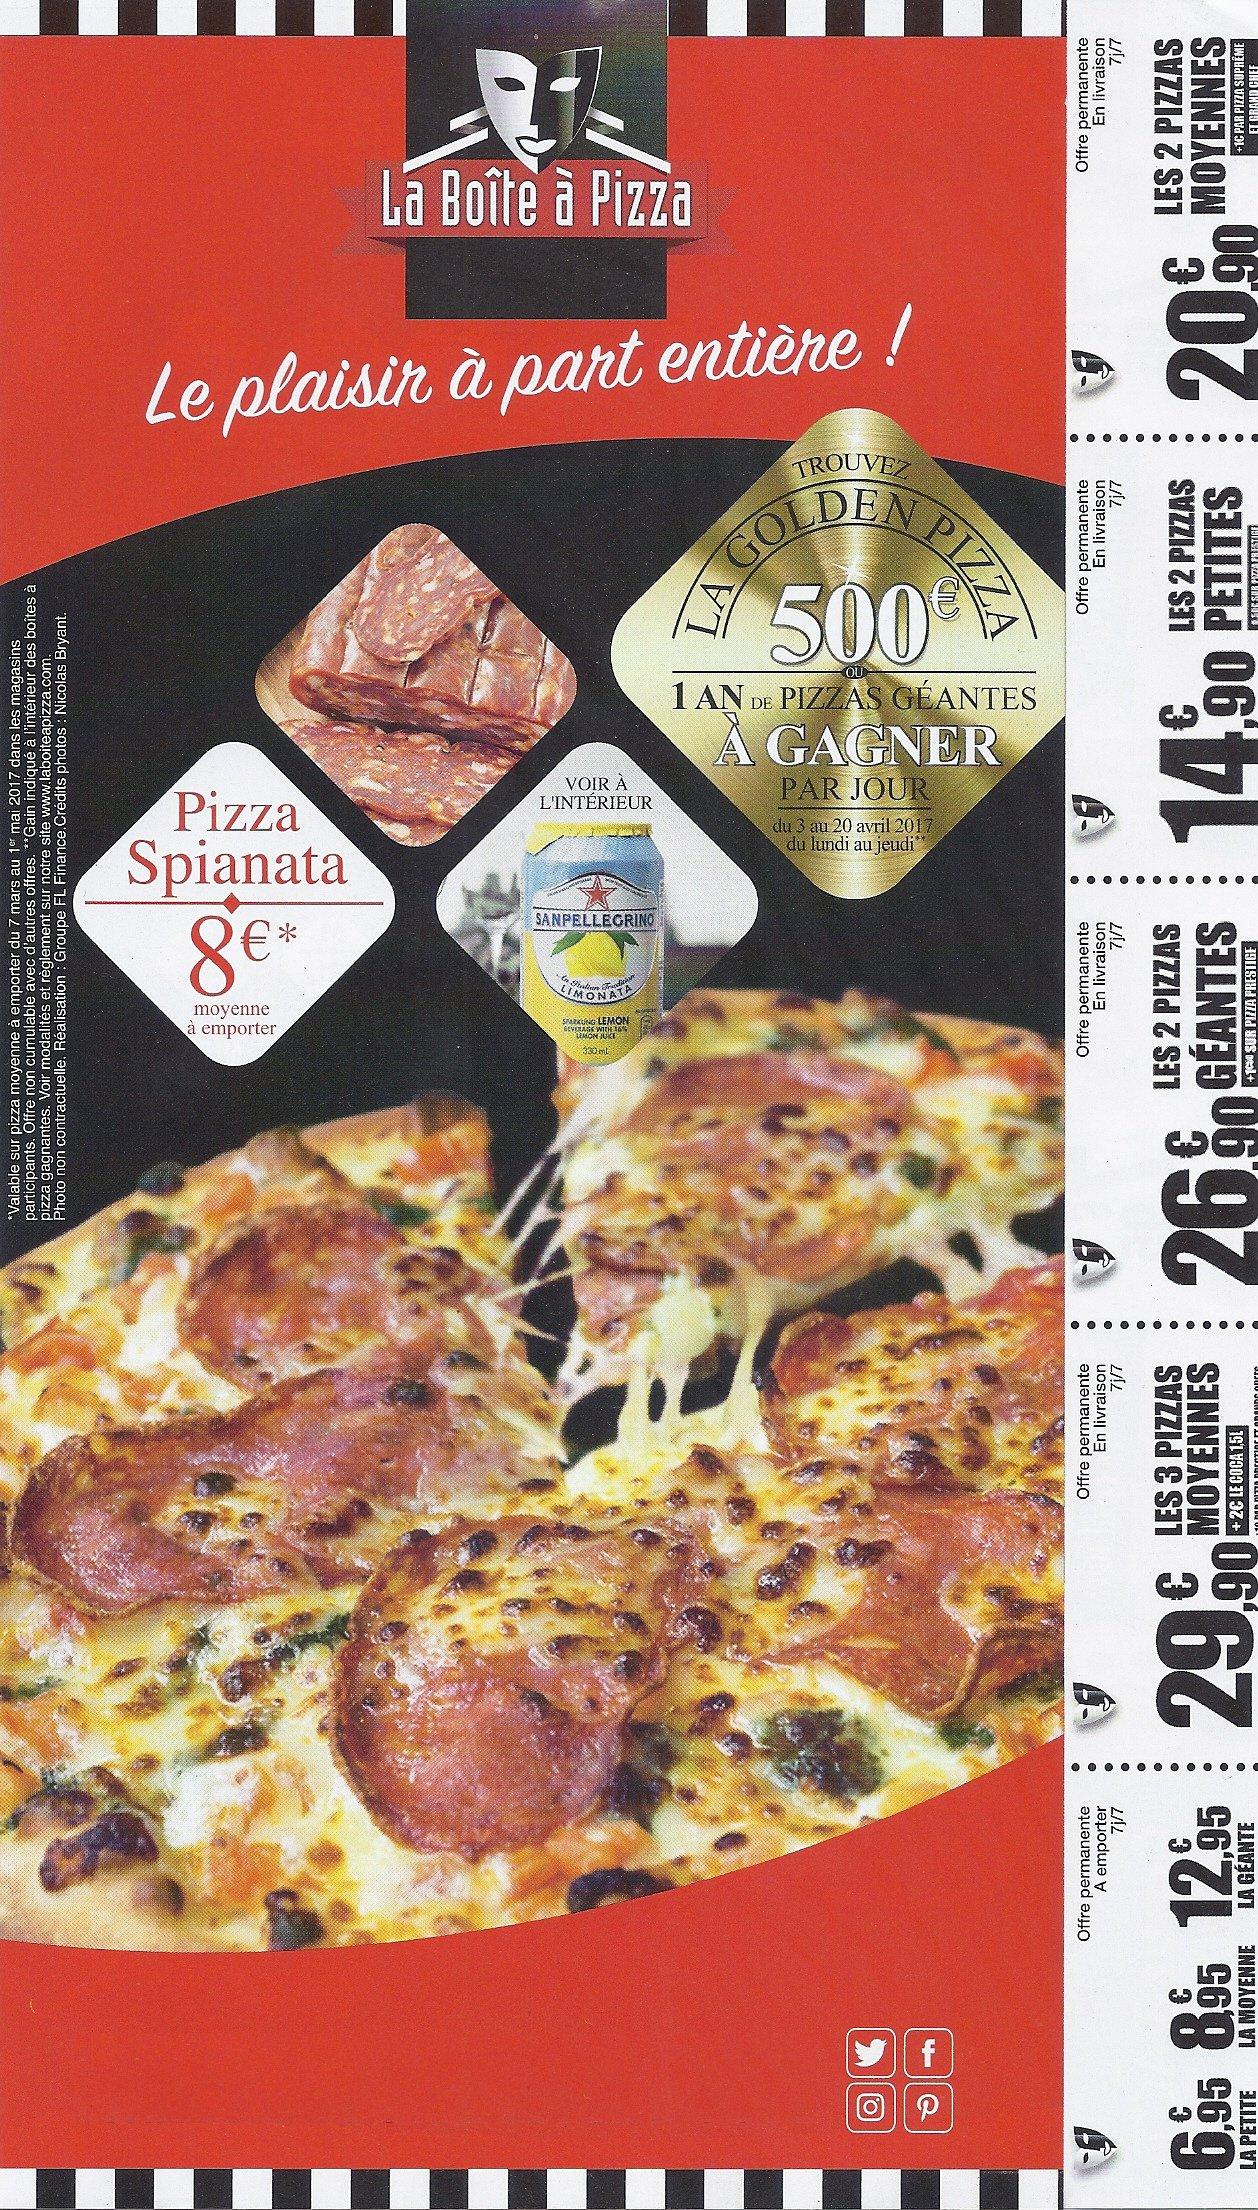 La bo te pizza perpignan carte et menu en ligne for Le garage a pizza